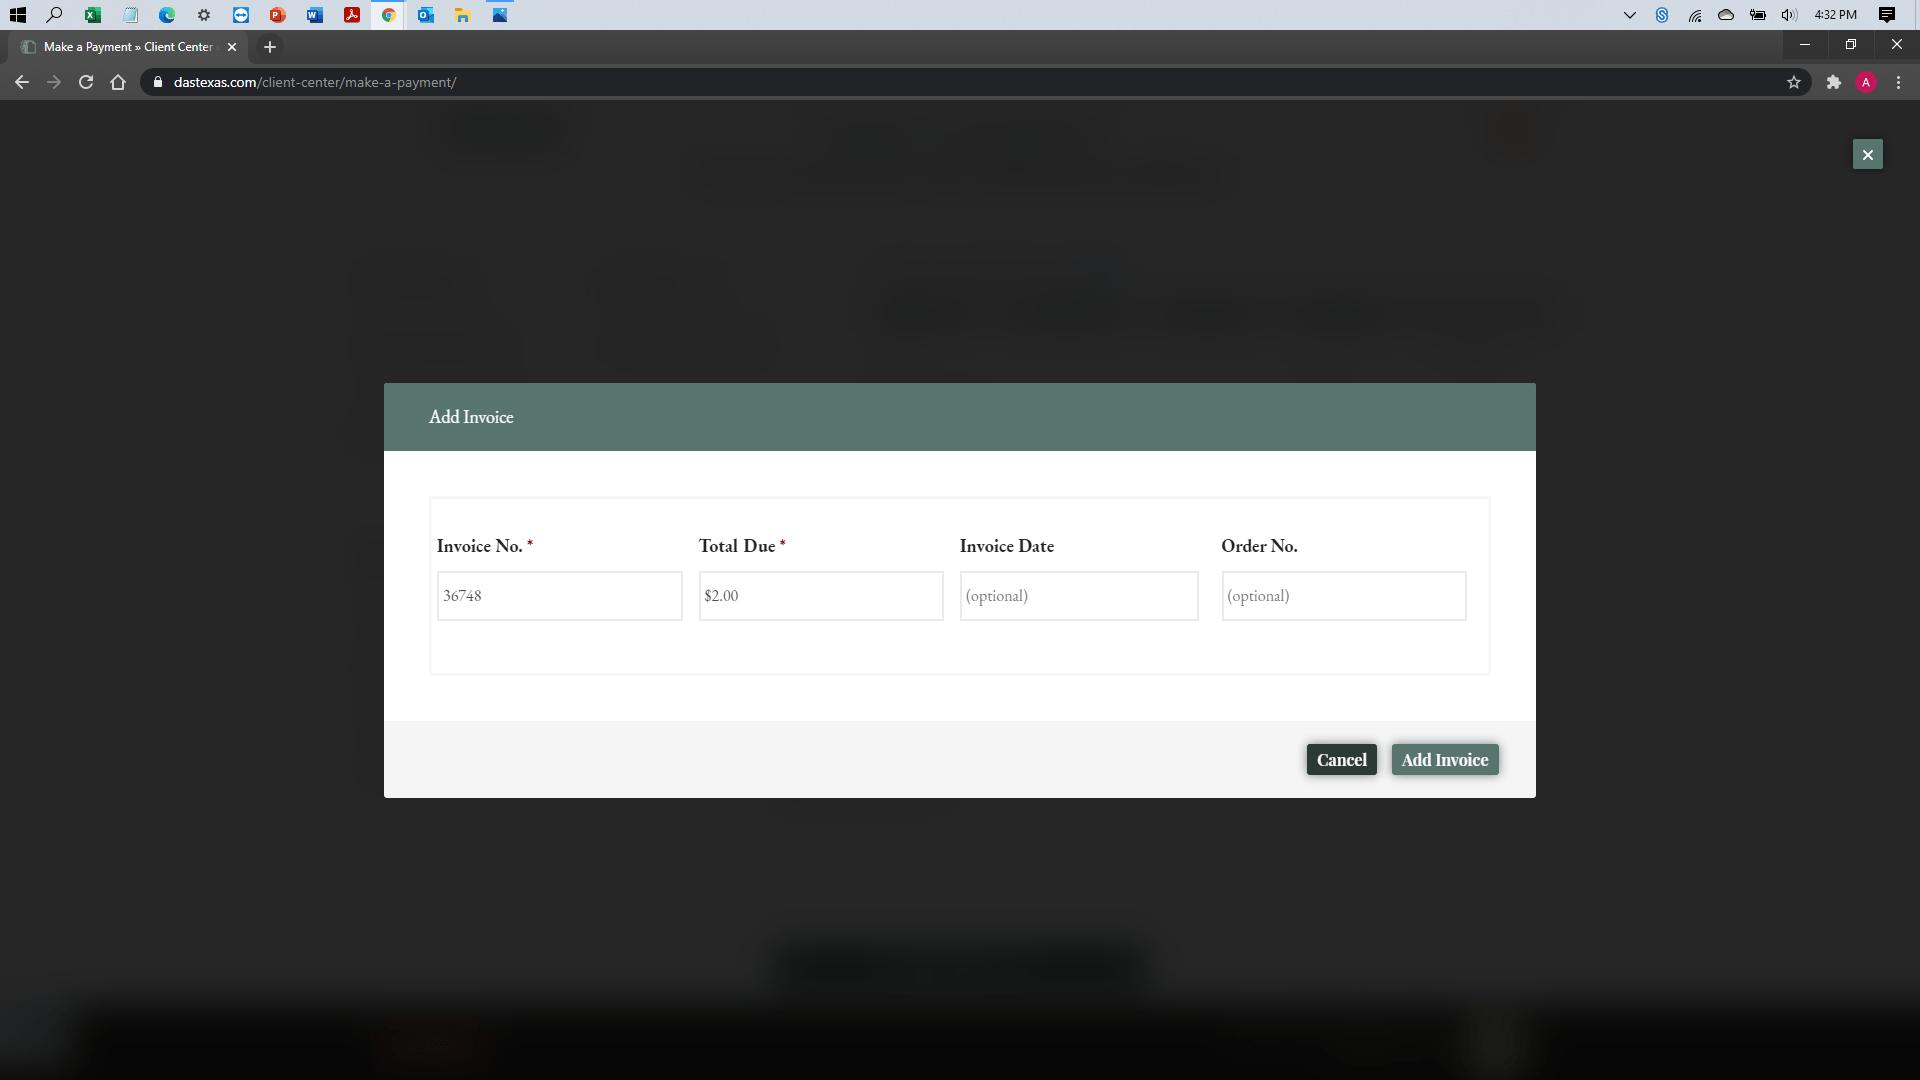 [help docs] Make a Payment - eCheck - Invoice Attach 2